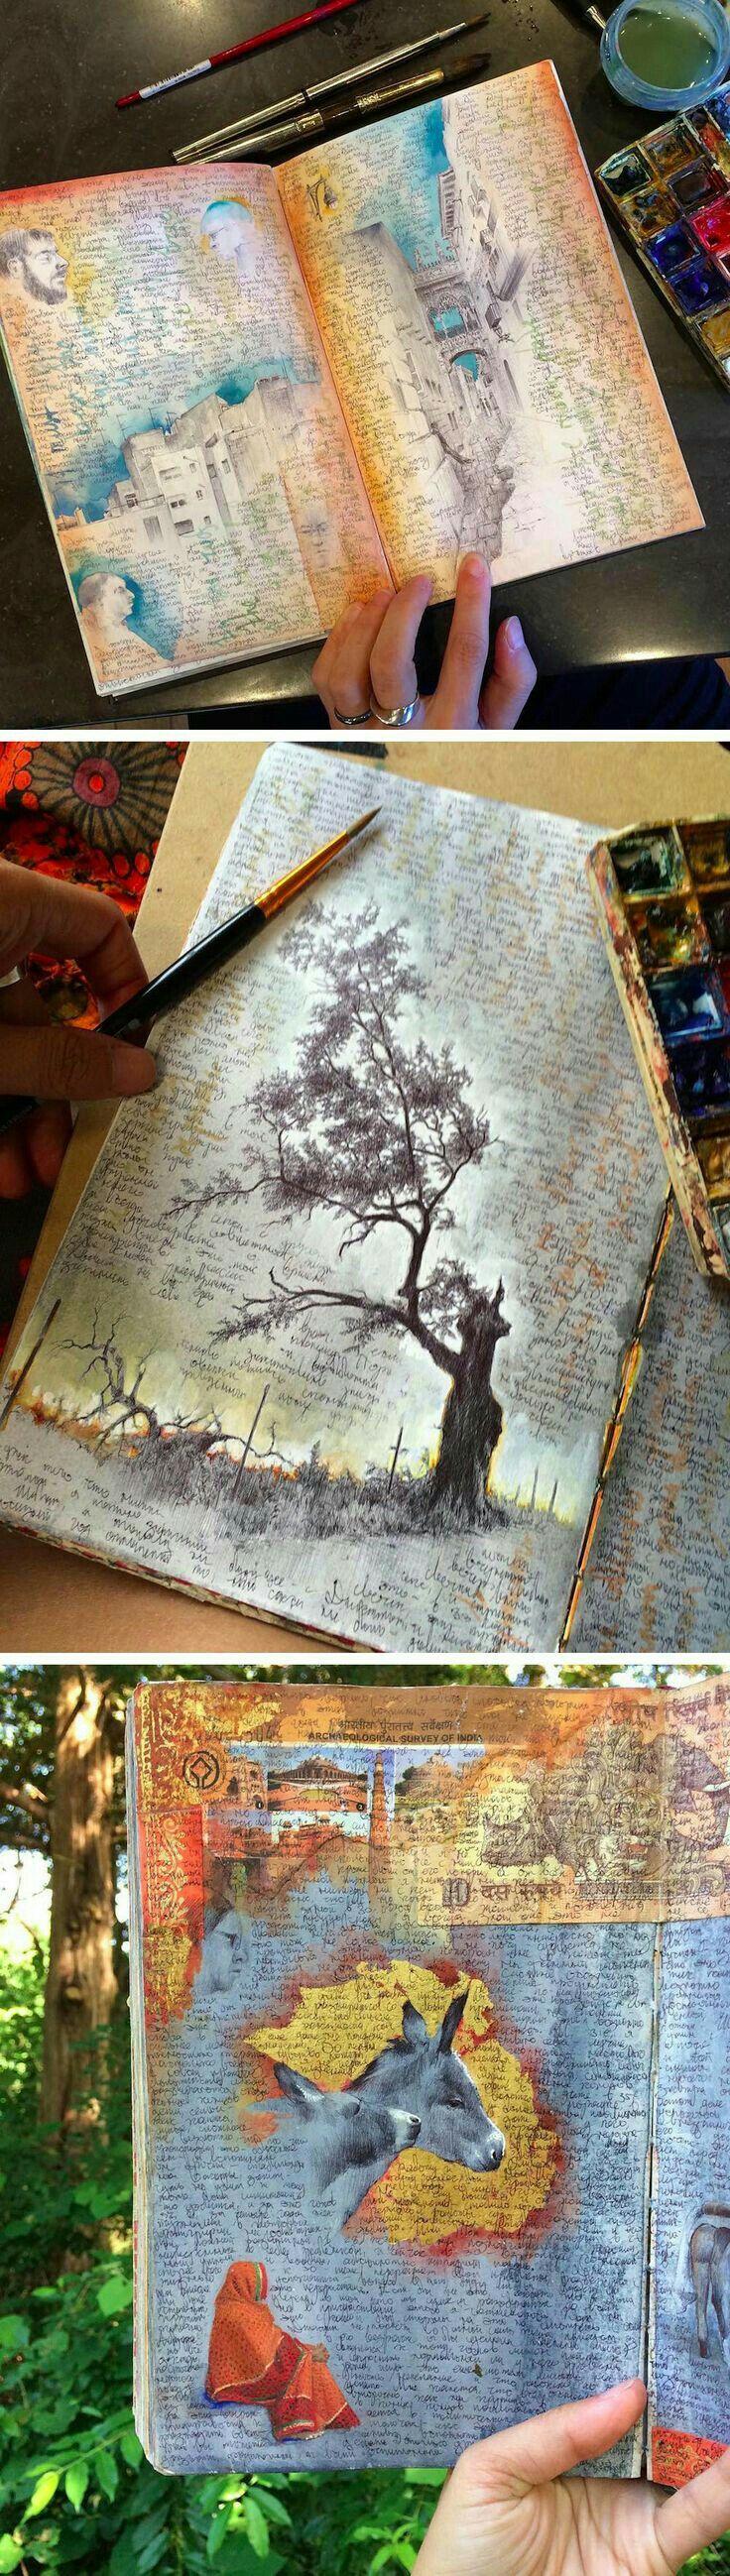 Disegno preso su internet #disegni #scritte #natura #verde #amatita #matita #libri   #fogli